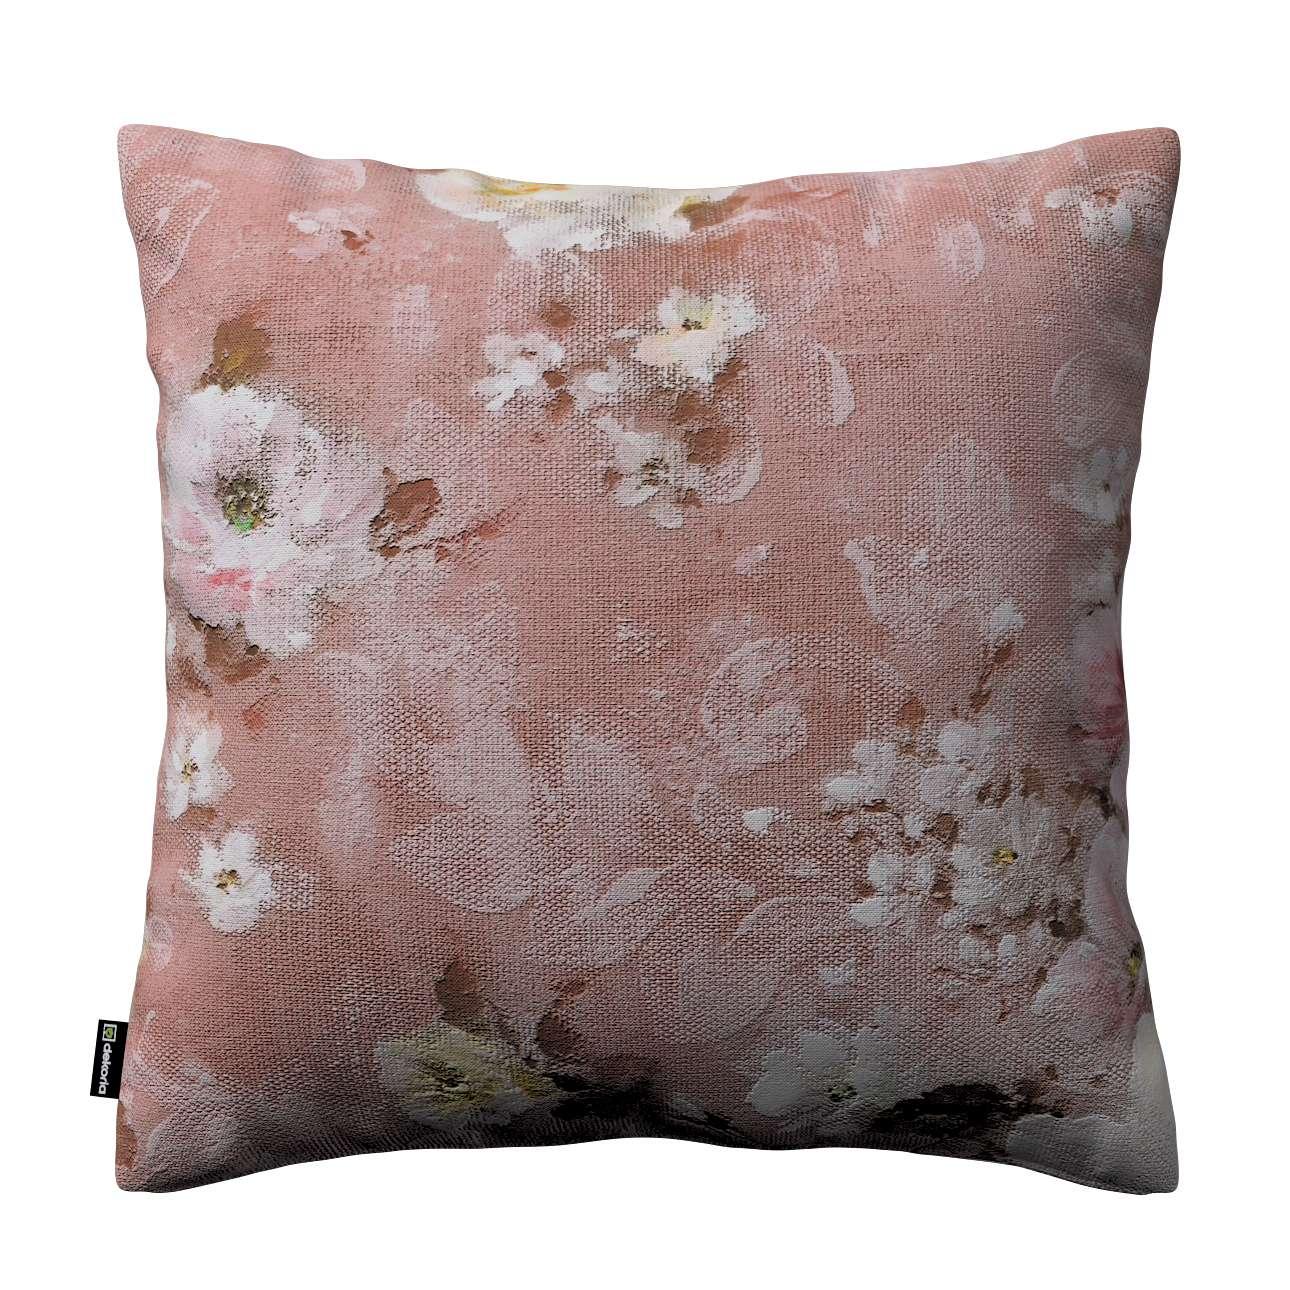 Karin - jednoduchá obliečka V kolekcii Flowers, tkanina: 137-83